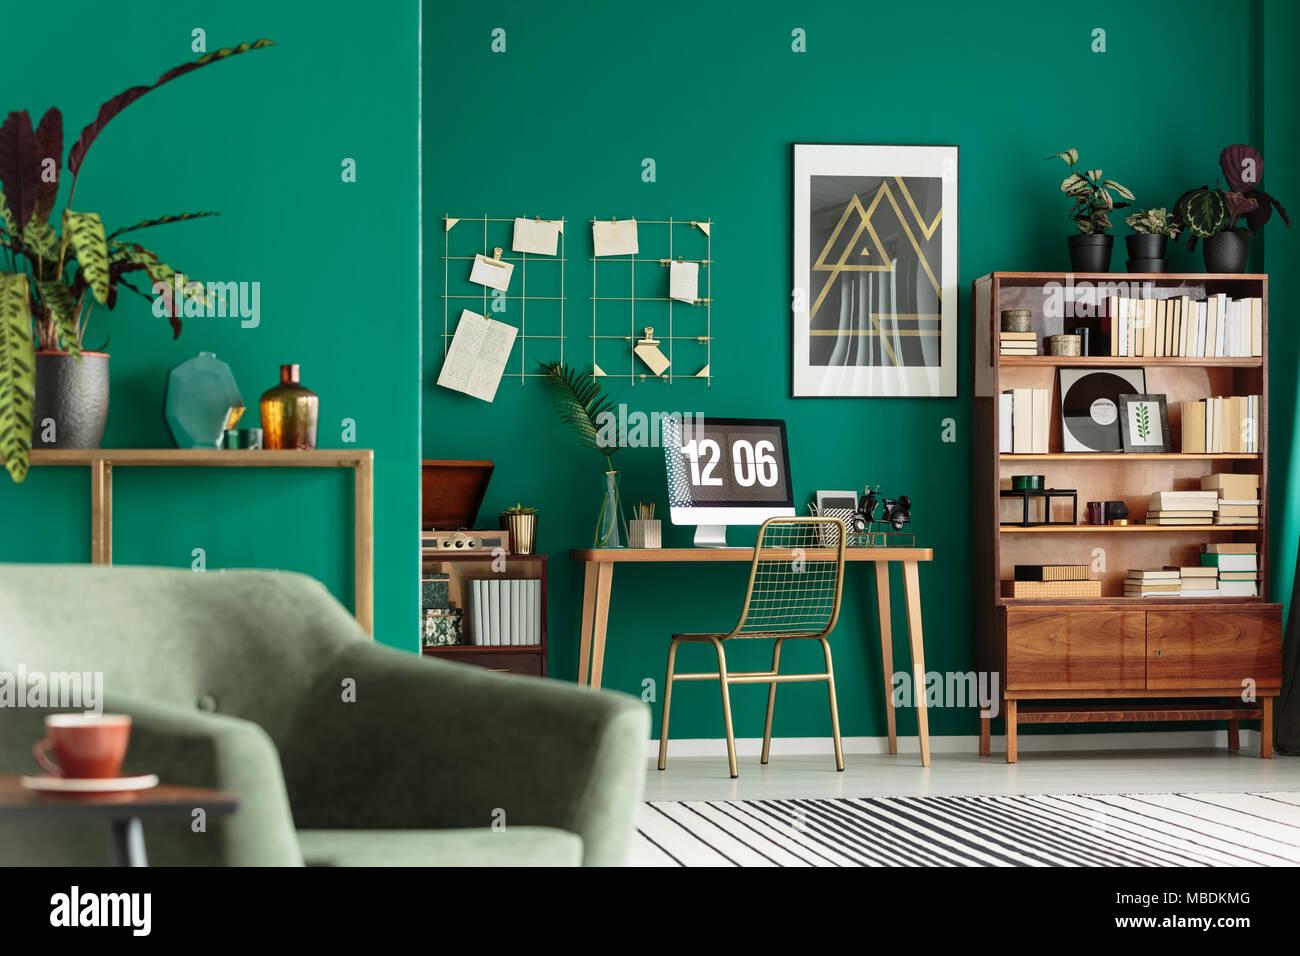 Green salón interior con libros en madera armario y escritorio para trabajar a distancia Imagen De Stock